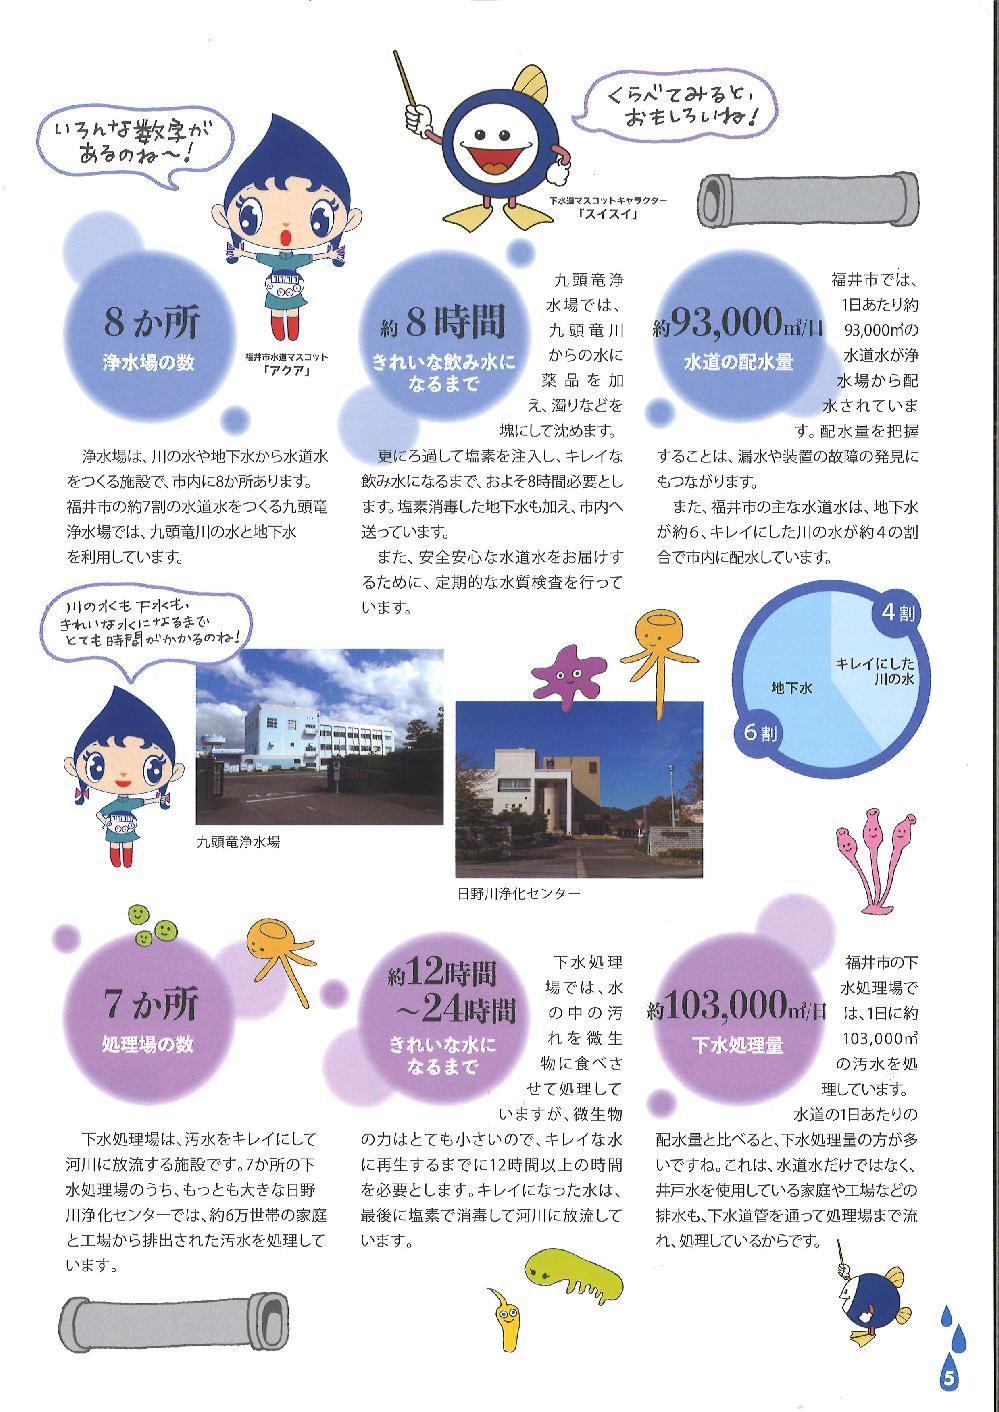 数字でわかる!福井市の水道・下水道p.02